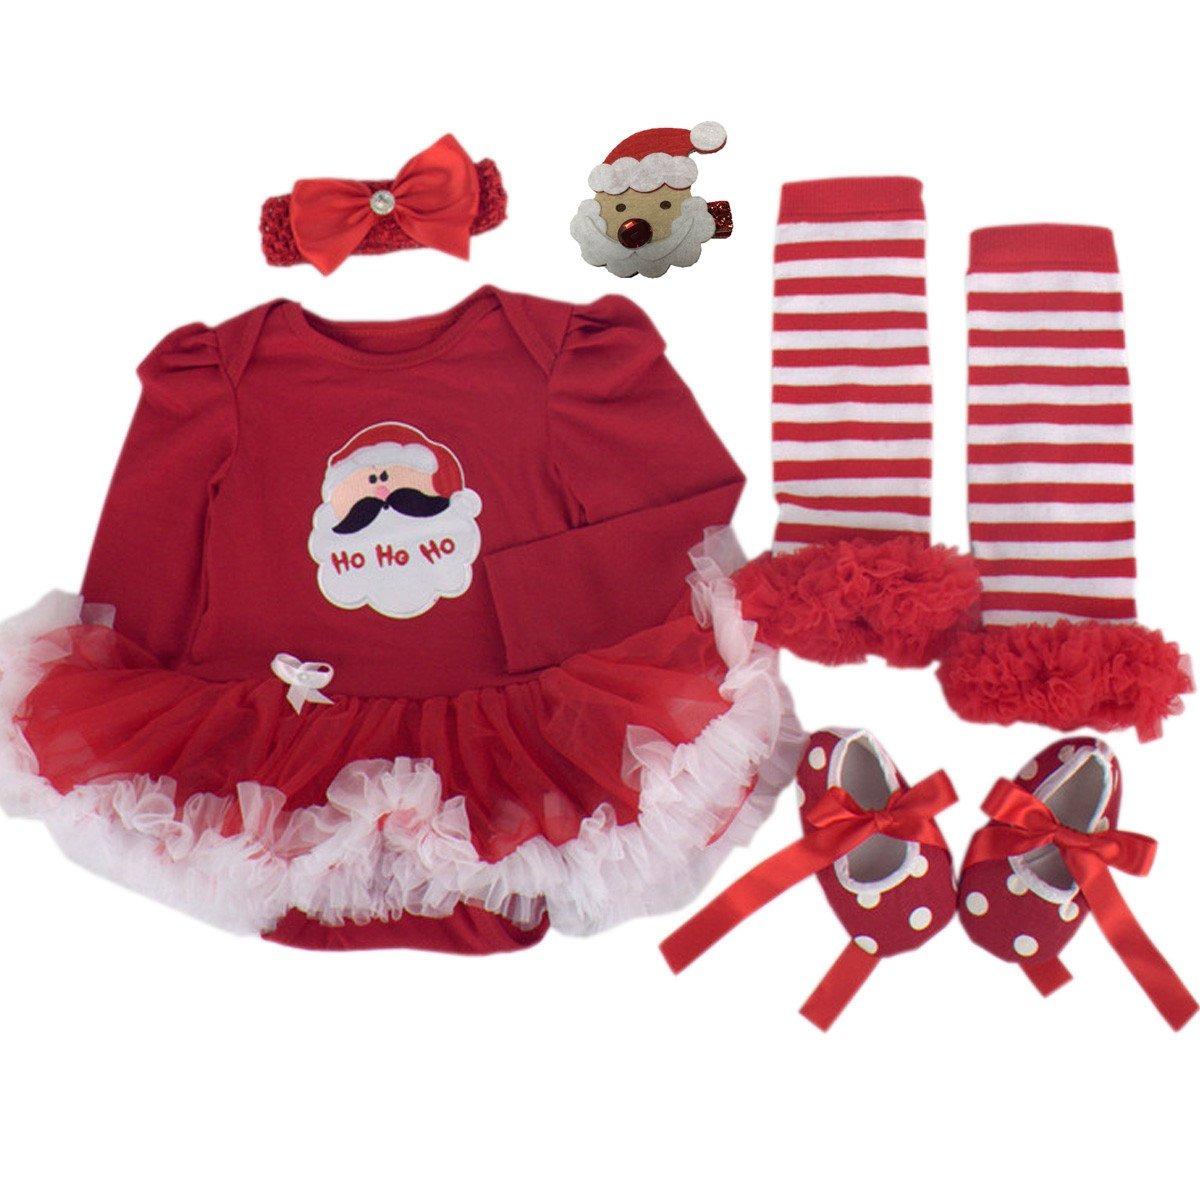 Vestidos de navidad para beb s trajes de santa ropa para - Trajes de navidad para bebes ...